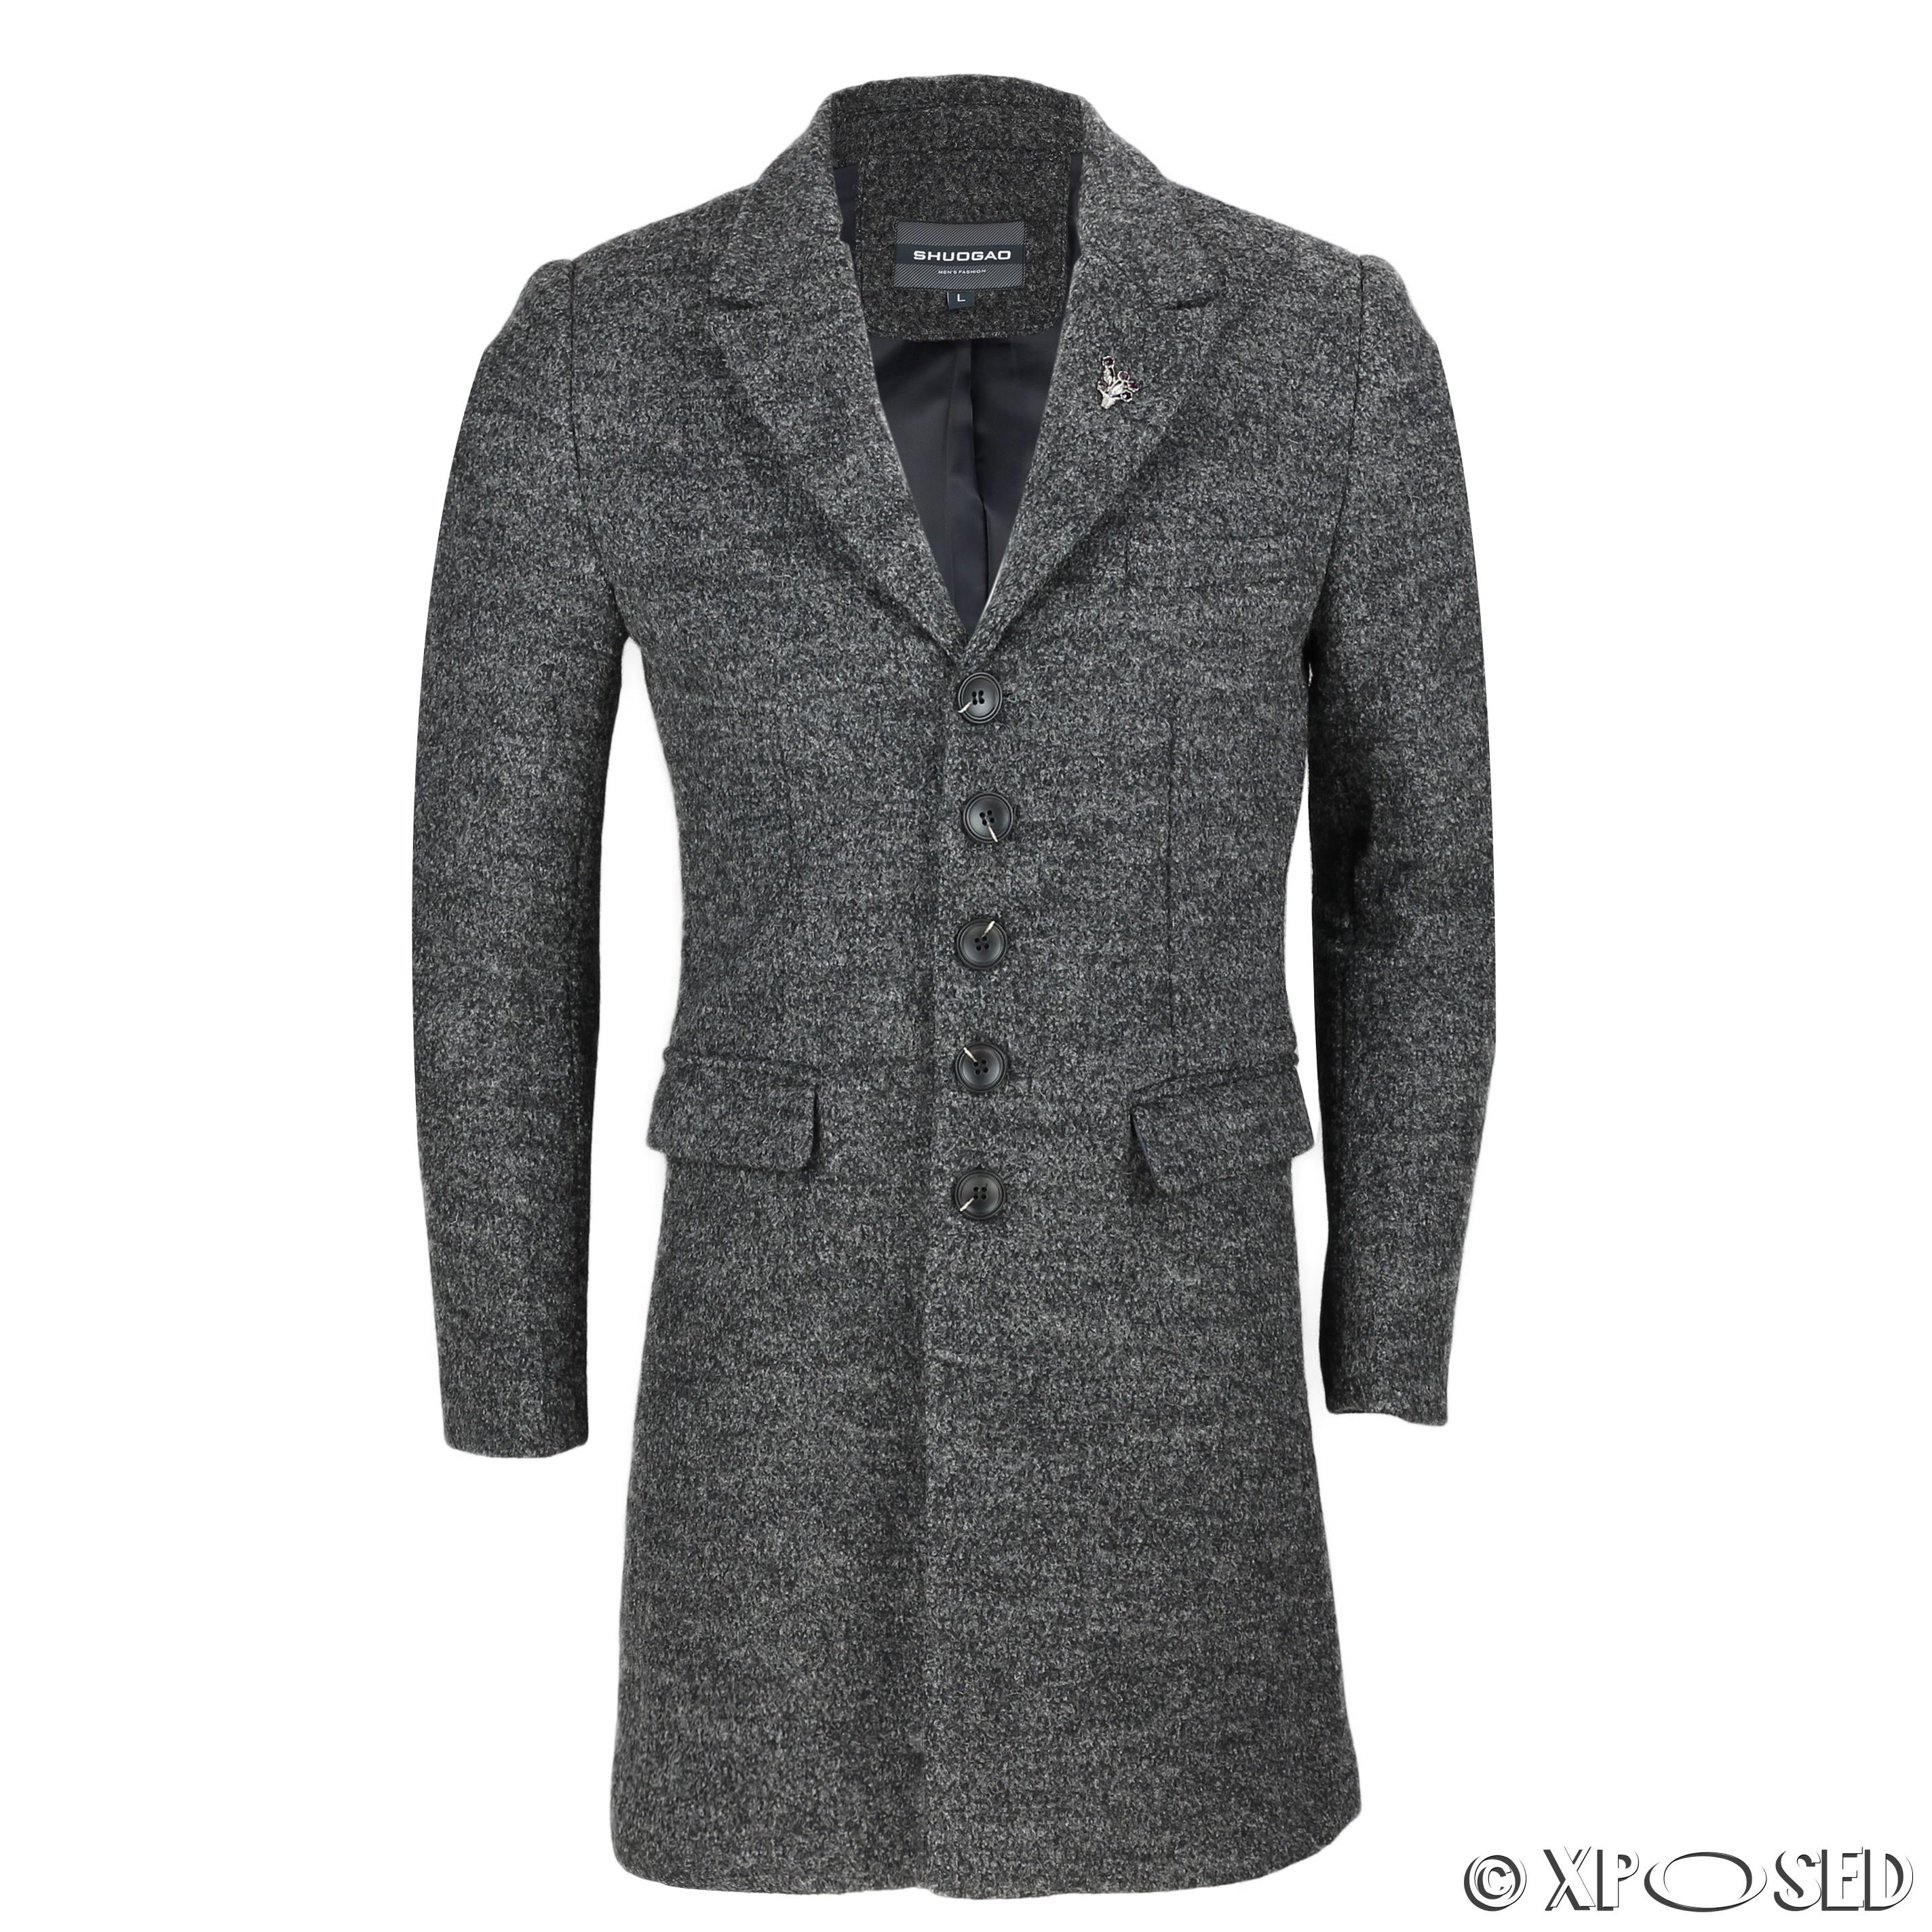 Mens grey overcoat